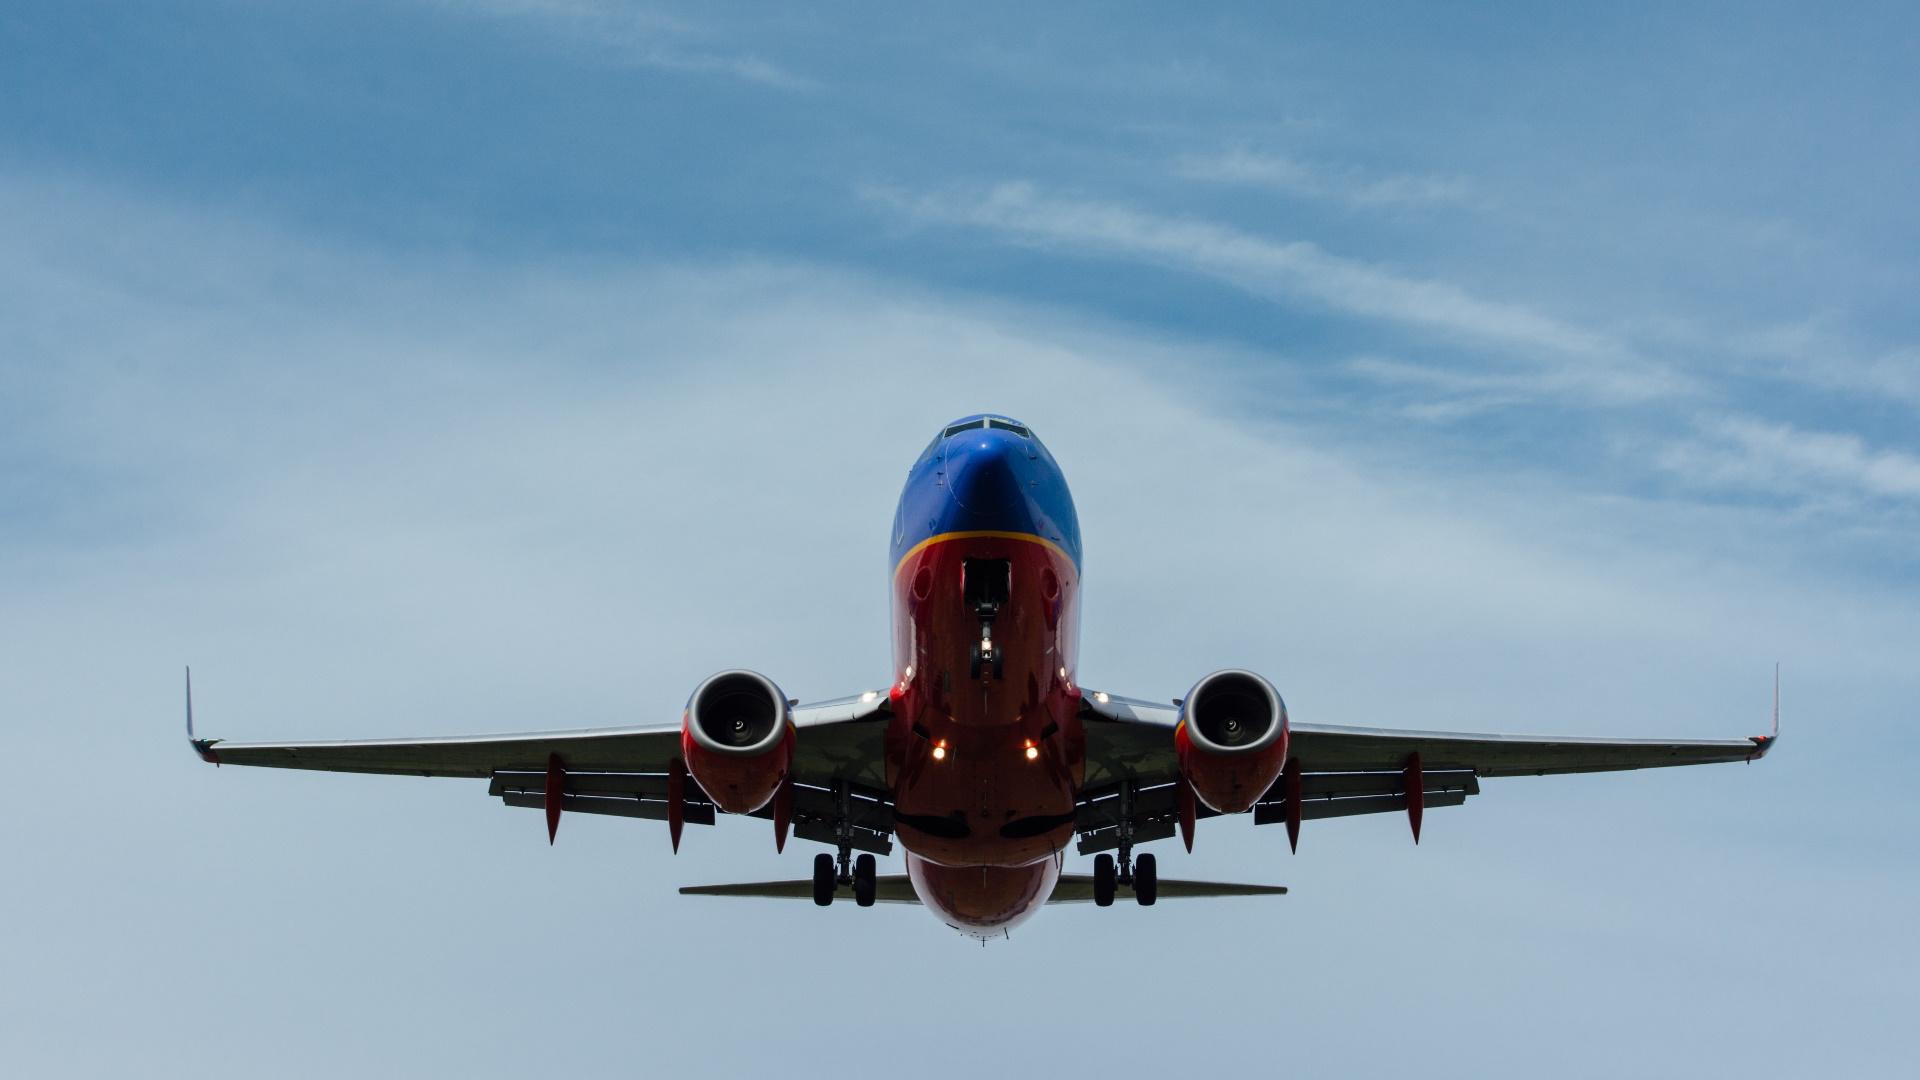 Avión aeronave aire vuelo